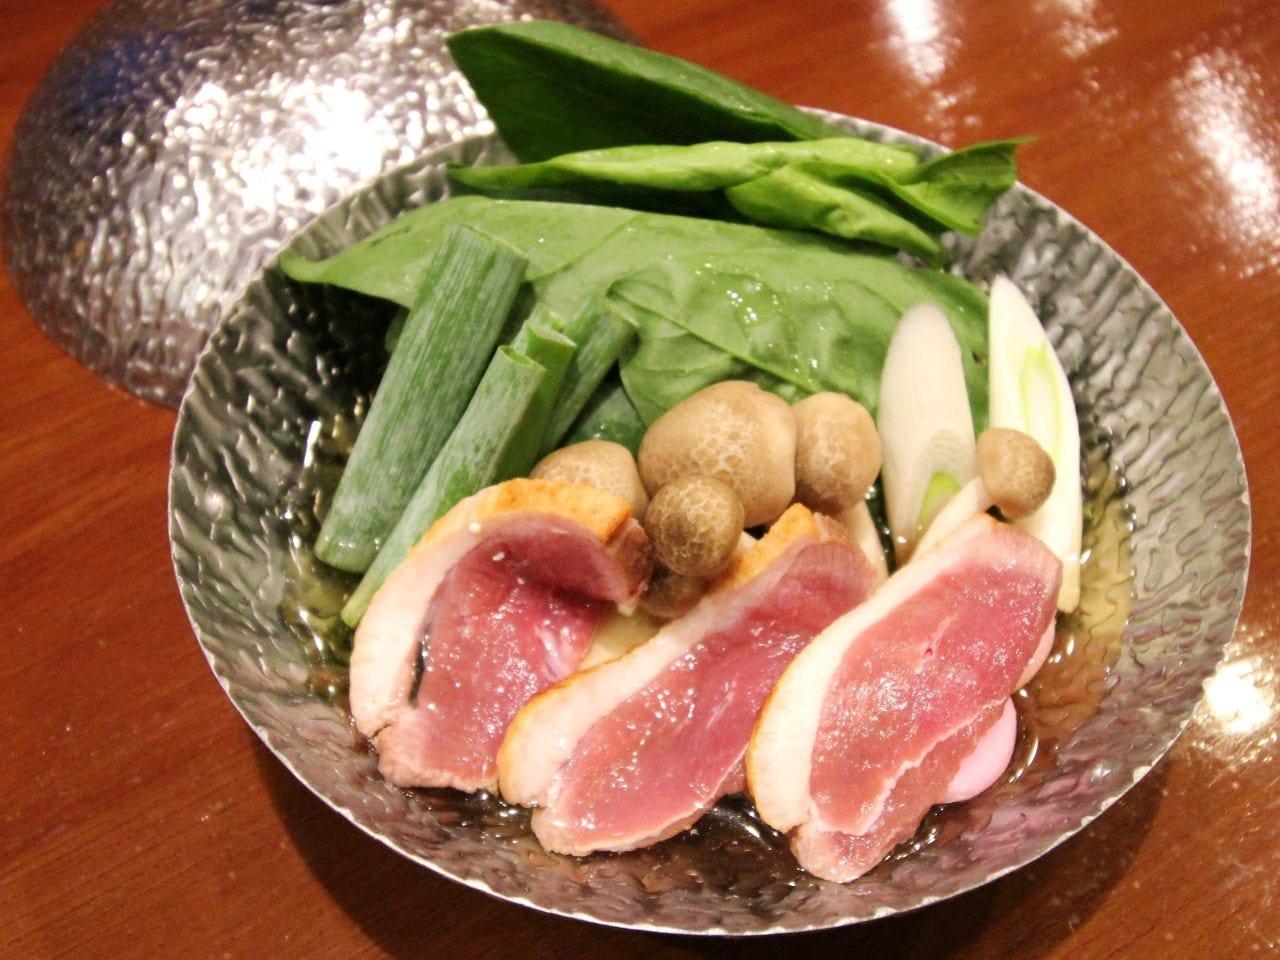 お箸で食べれる【よくばり和洋コース】飲み放題付5,000円(税込)コース